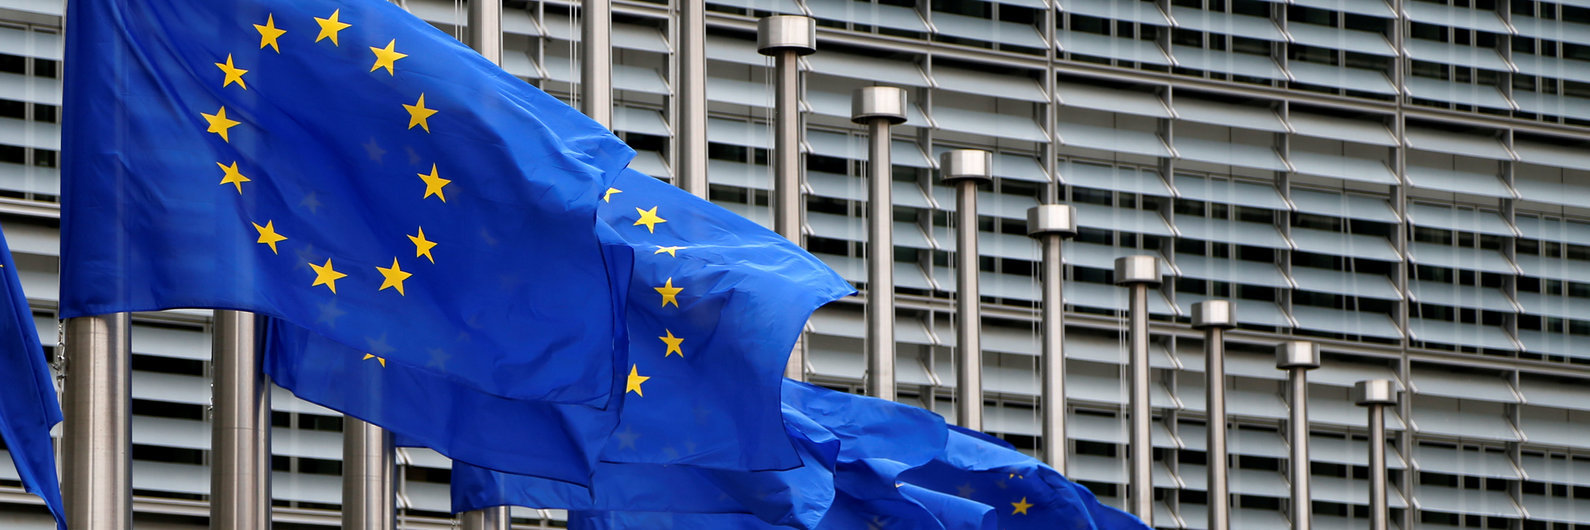 Conselho Europeu: o Brexit como motivo para a federalização